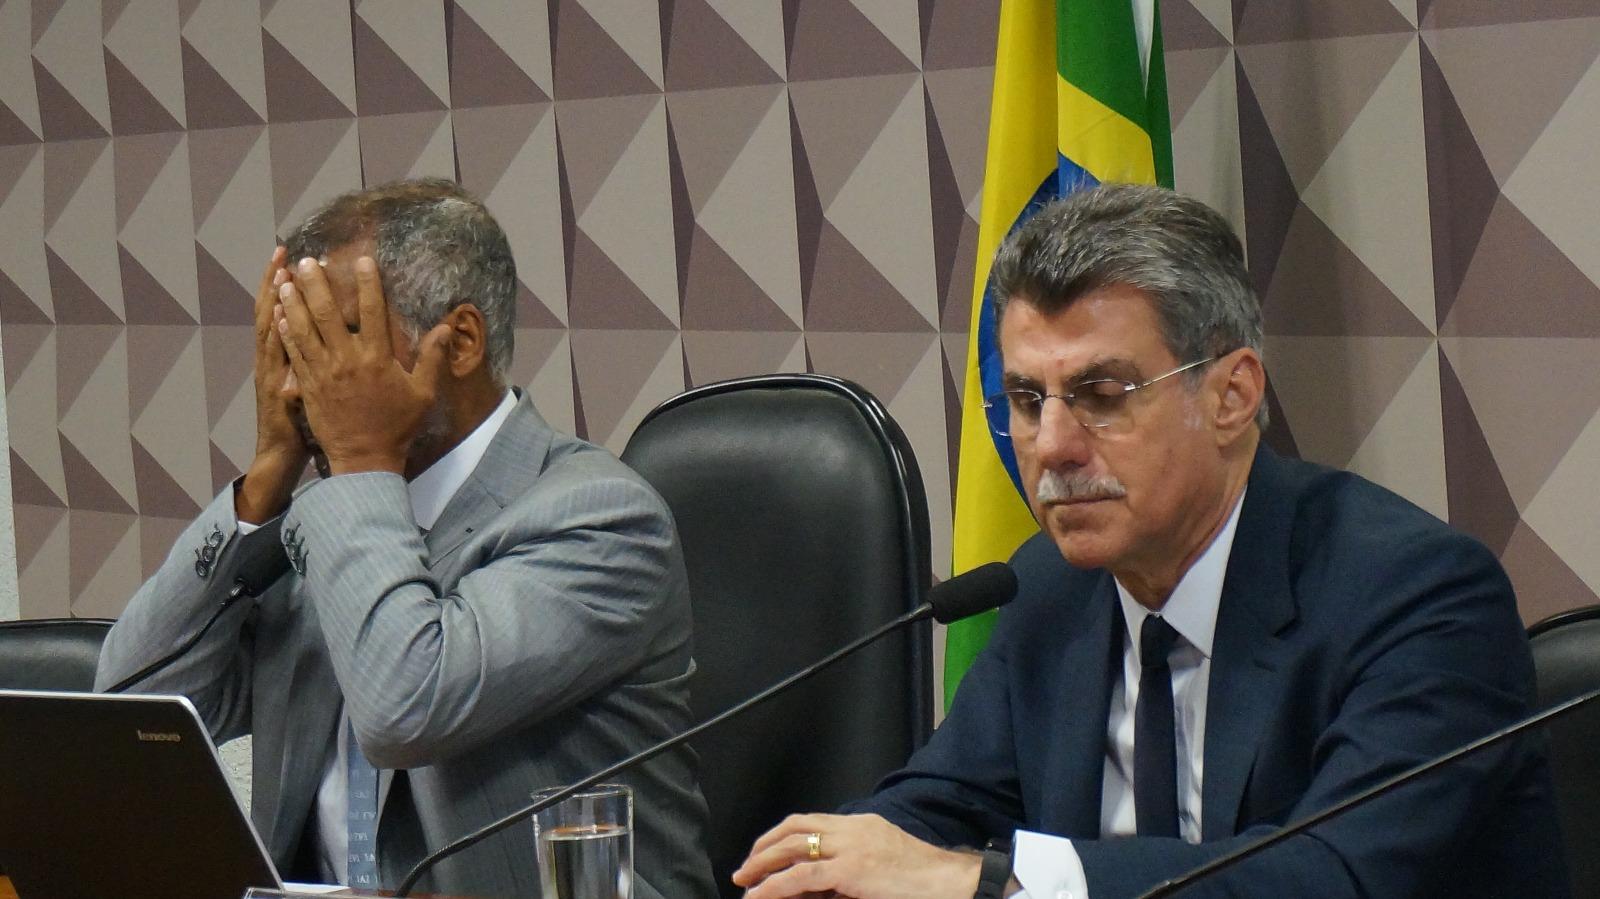 Relatório enviado à Fifa aponta políticos ligados à CBF na Lava Jato